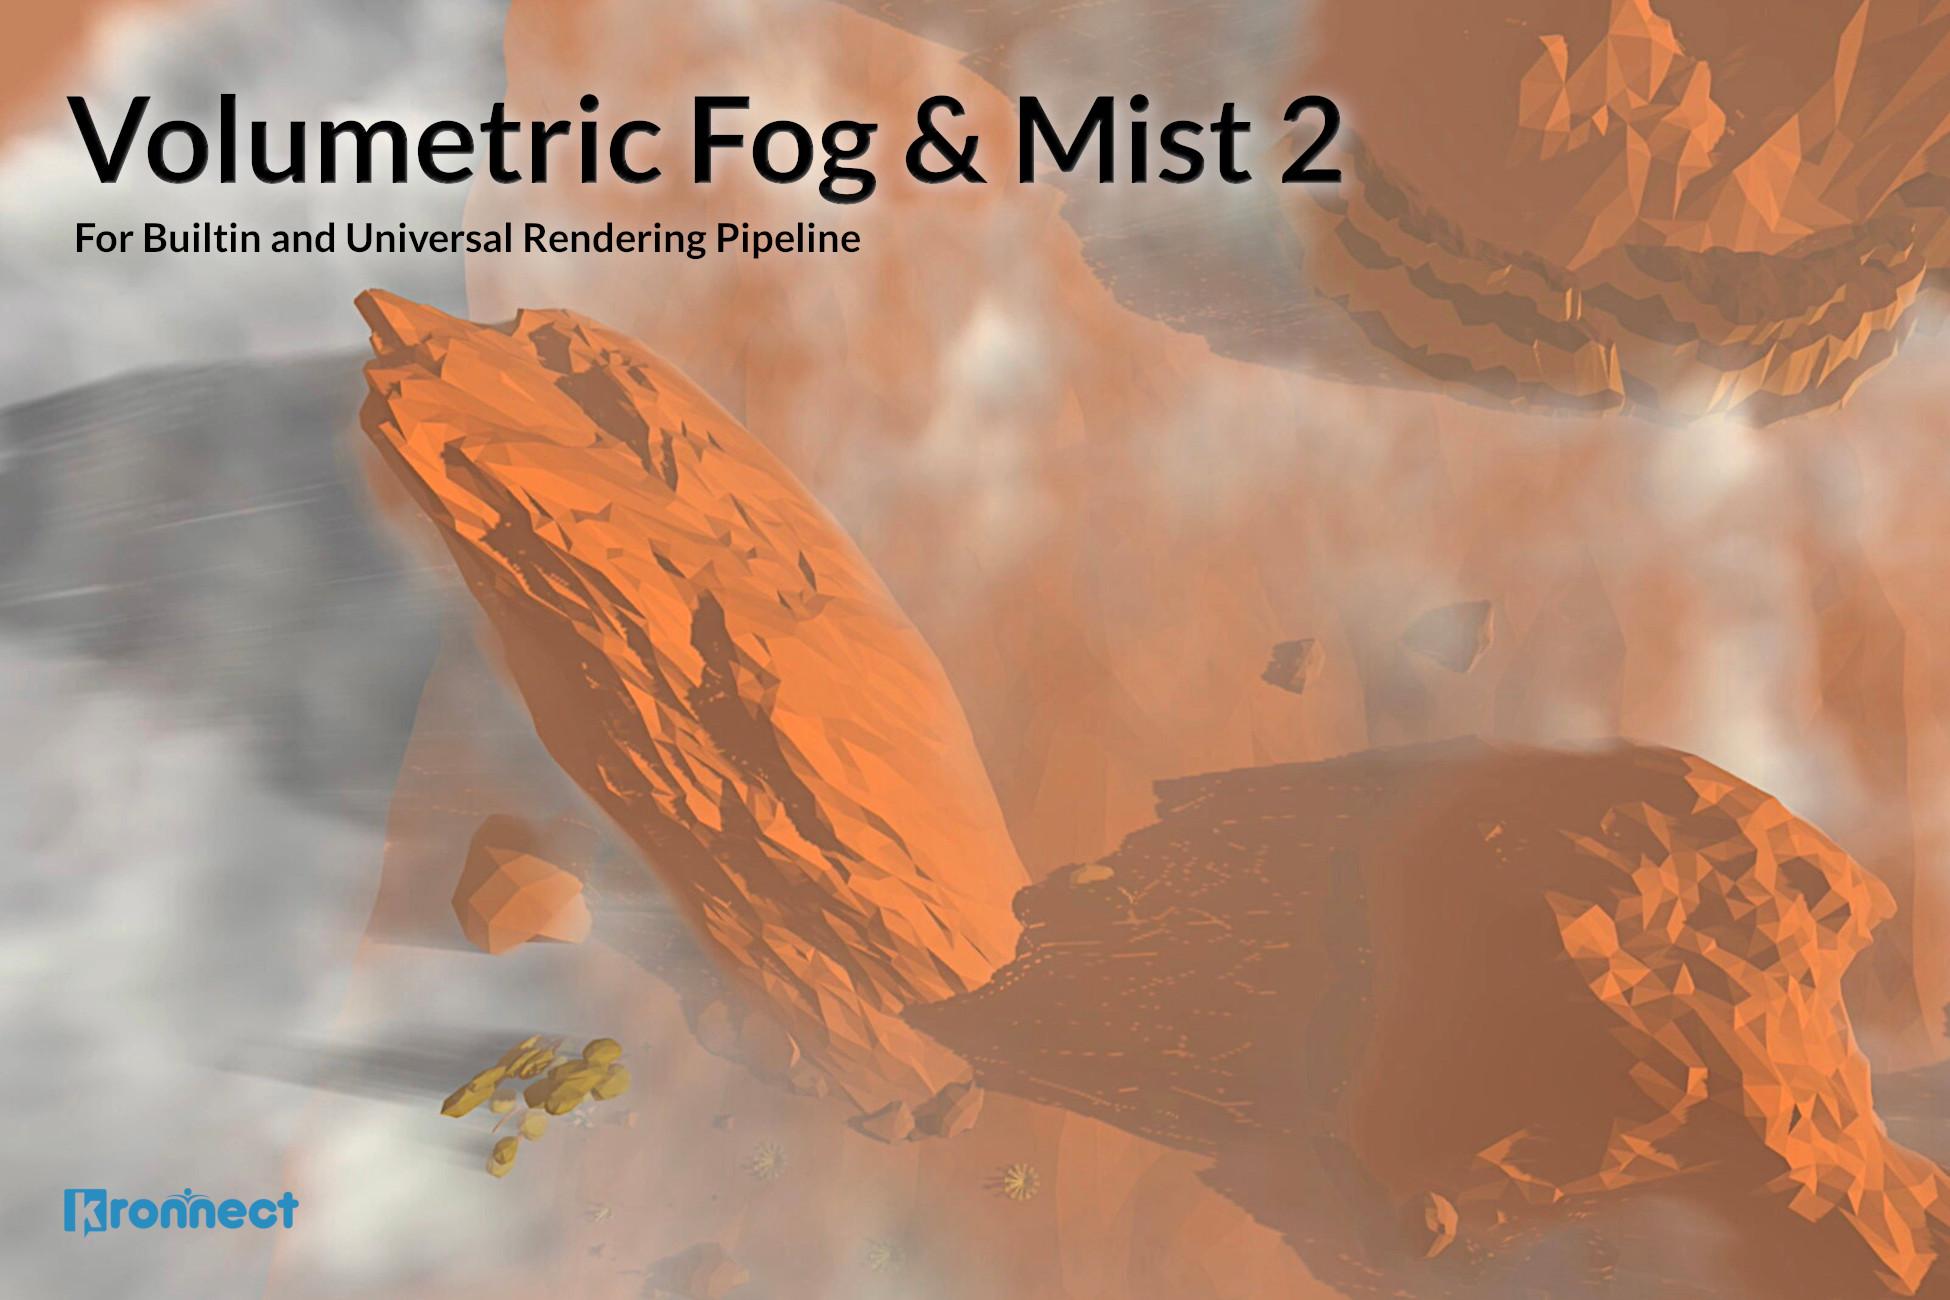 Volumetric Fog & Mist 2